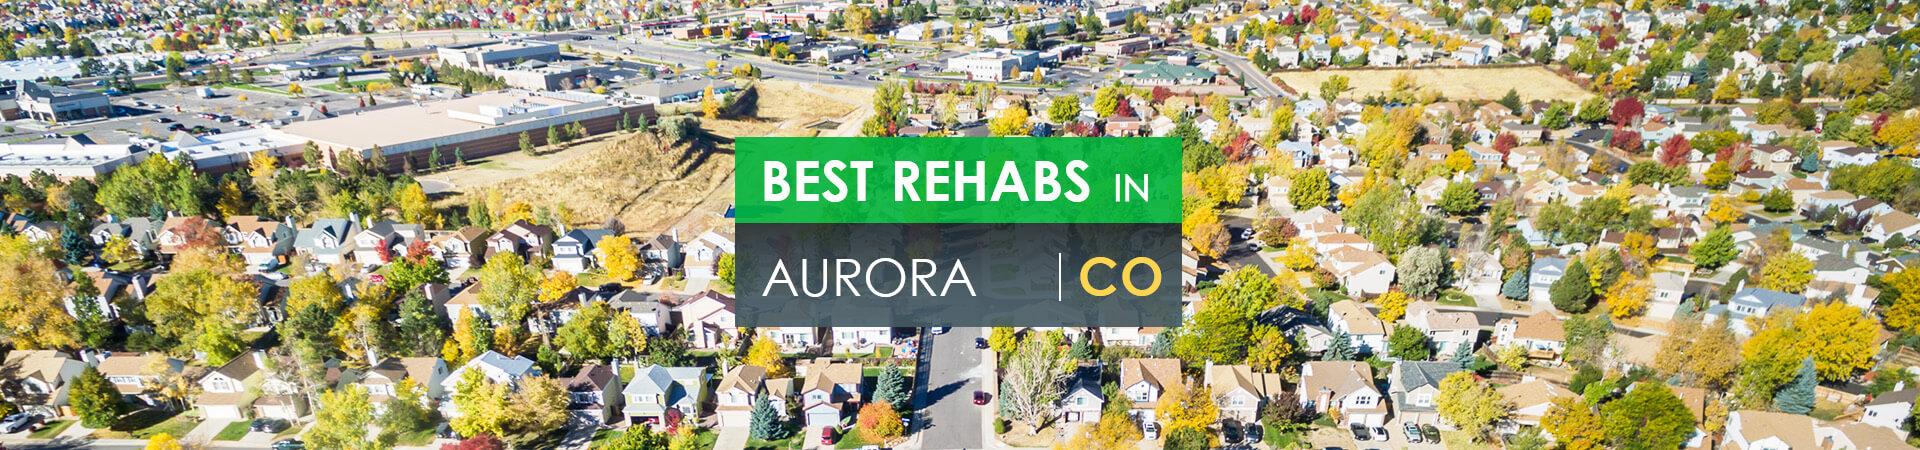 Best rehabs in Aurora, CO